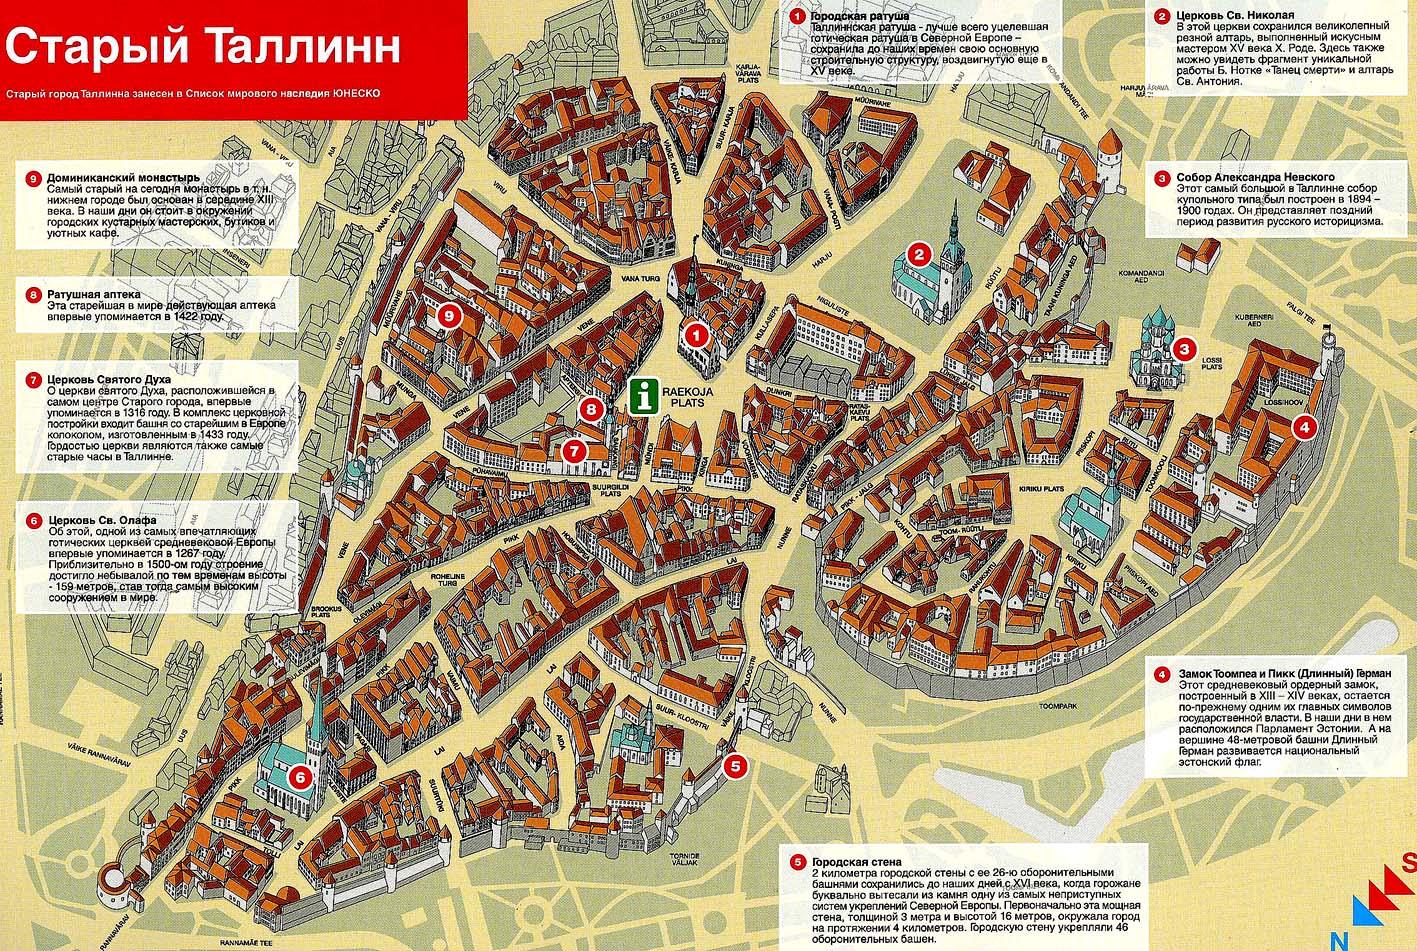 Пыль городов из пыльных шкафов - Схема Таллина